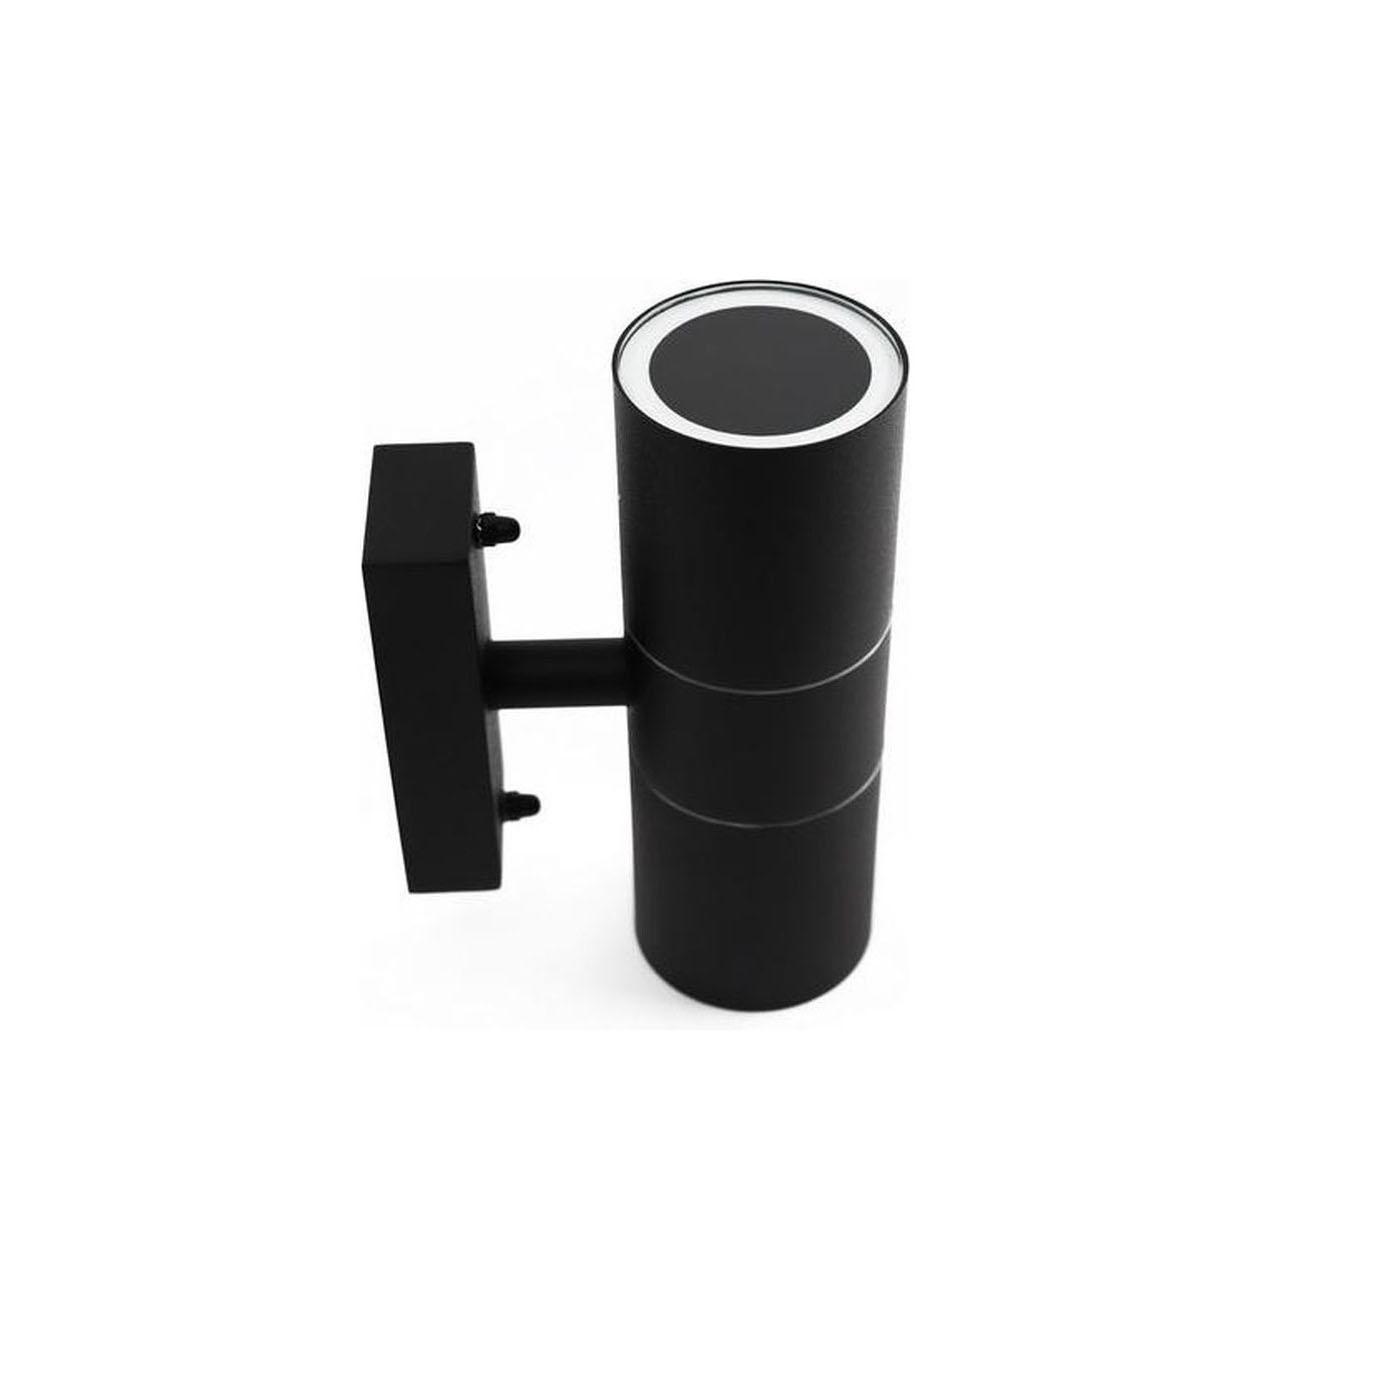 Wandlamp zwart 2 keer GU10 fitting - zijaanzicht